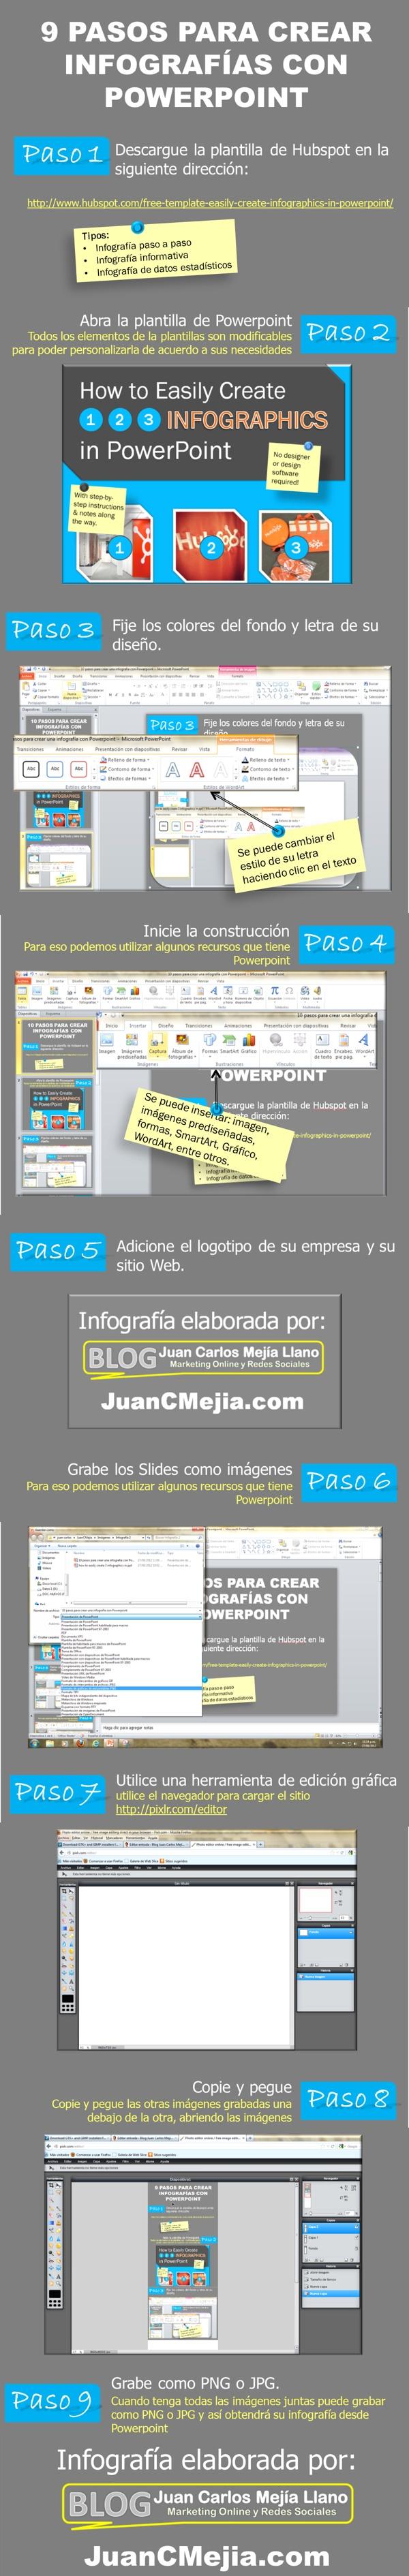 Cómo crear infografías con PowerPoint #Infografia #Infografie #Infographic